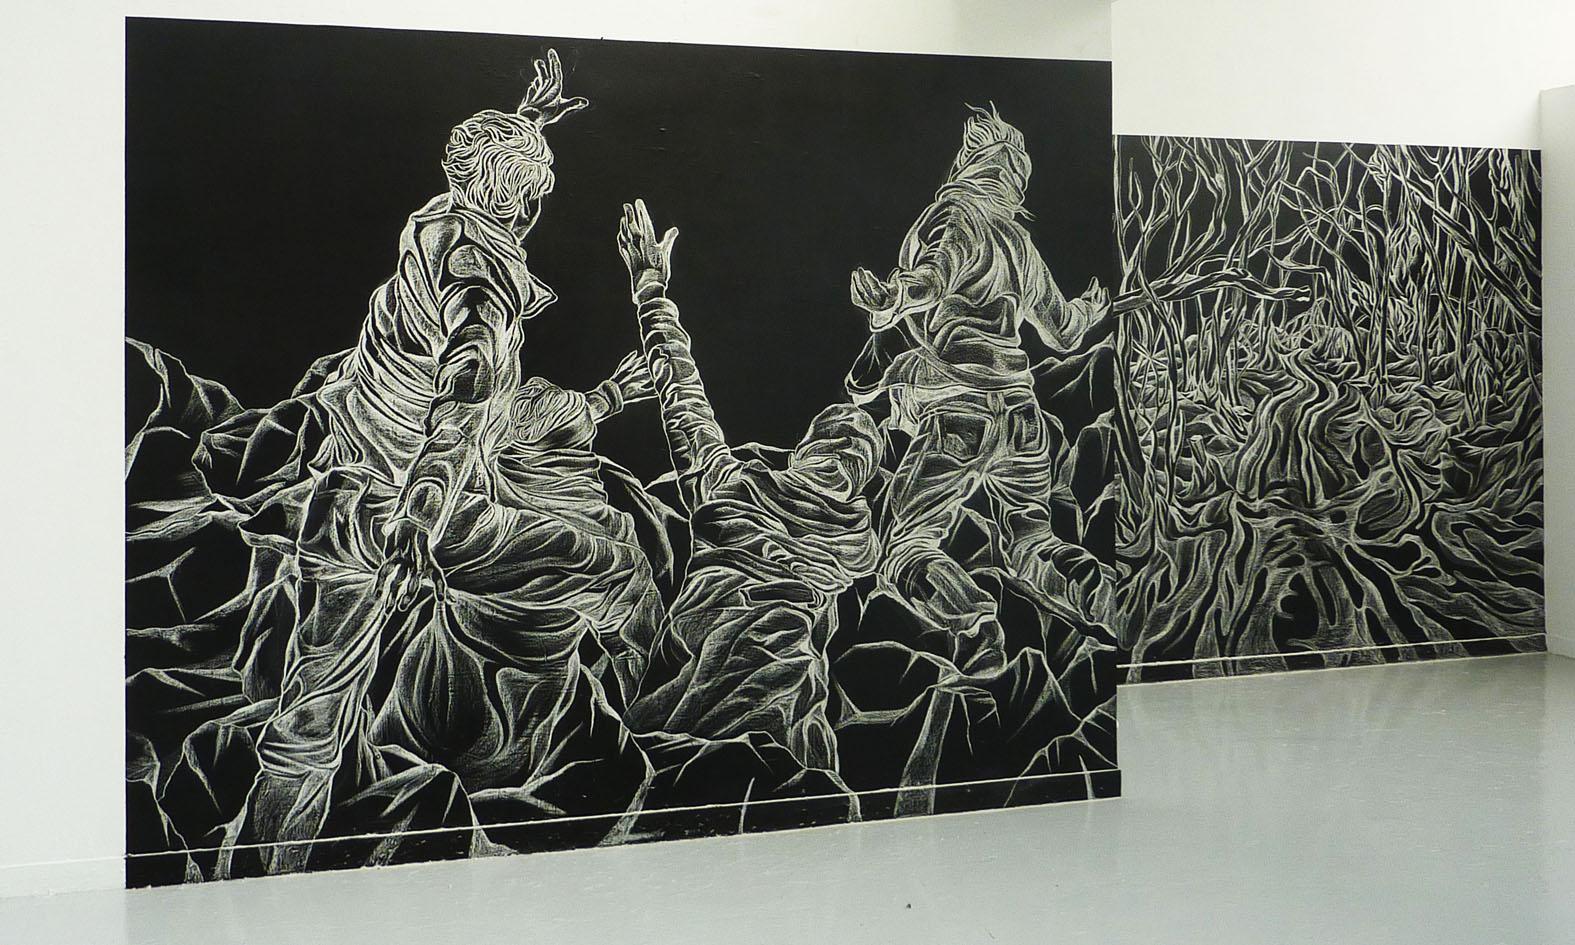 Dessin A La Craie dessin Éphémère, 2 dessins muraux à la craie, 260 x 380 cm / 260 x